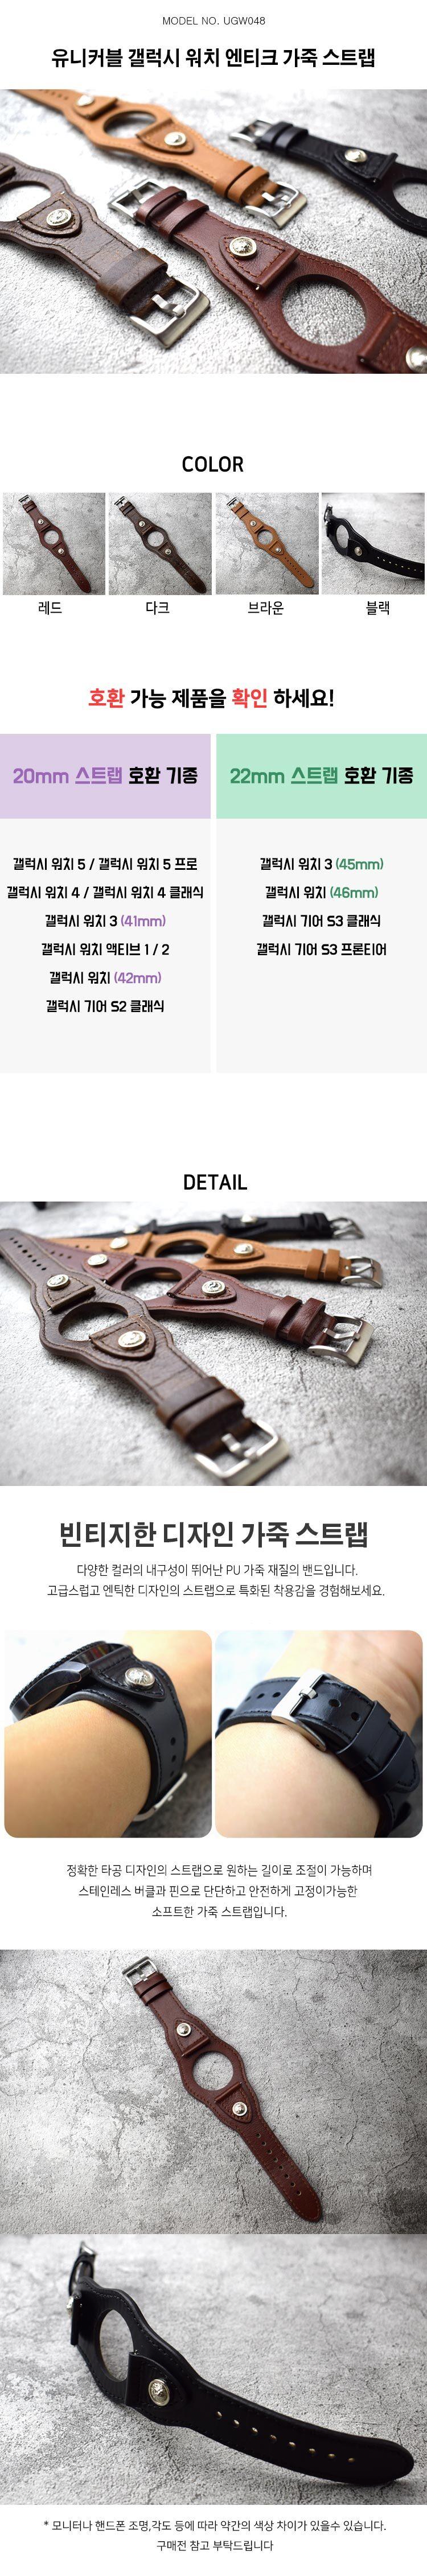 갤럭시워치기어 s3 s2 액티브2 엔티크 가죽밴드 시계줄 20 22mm - 유니커블, 30,400원, 스마트워치/밴드, 스마트워치 밴드